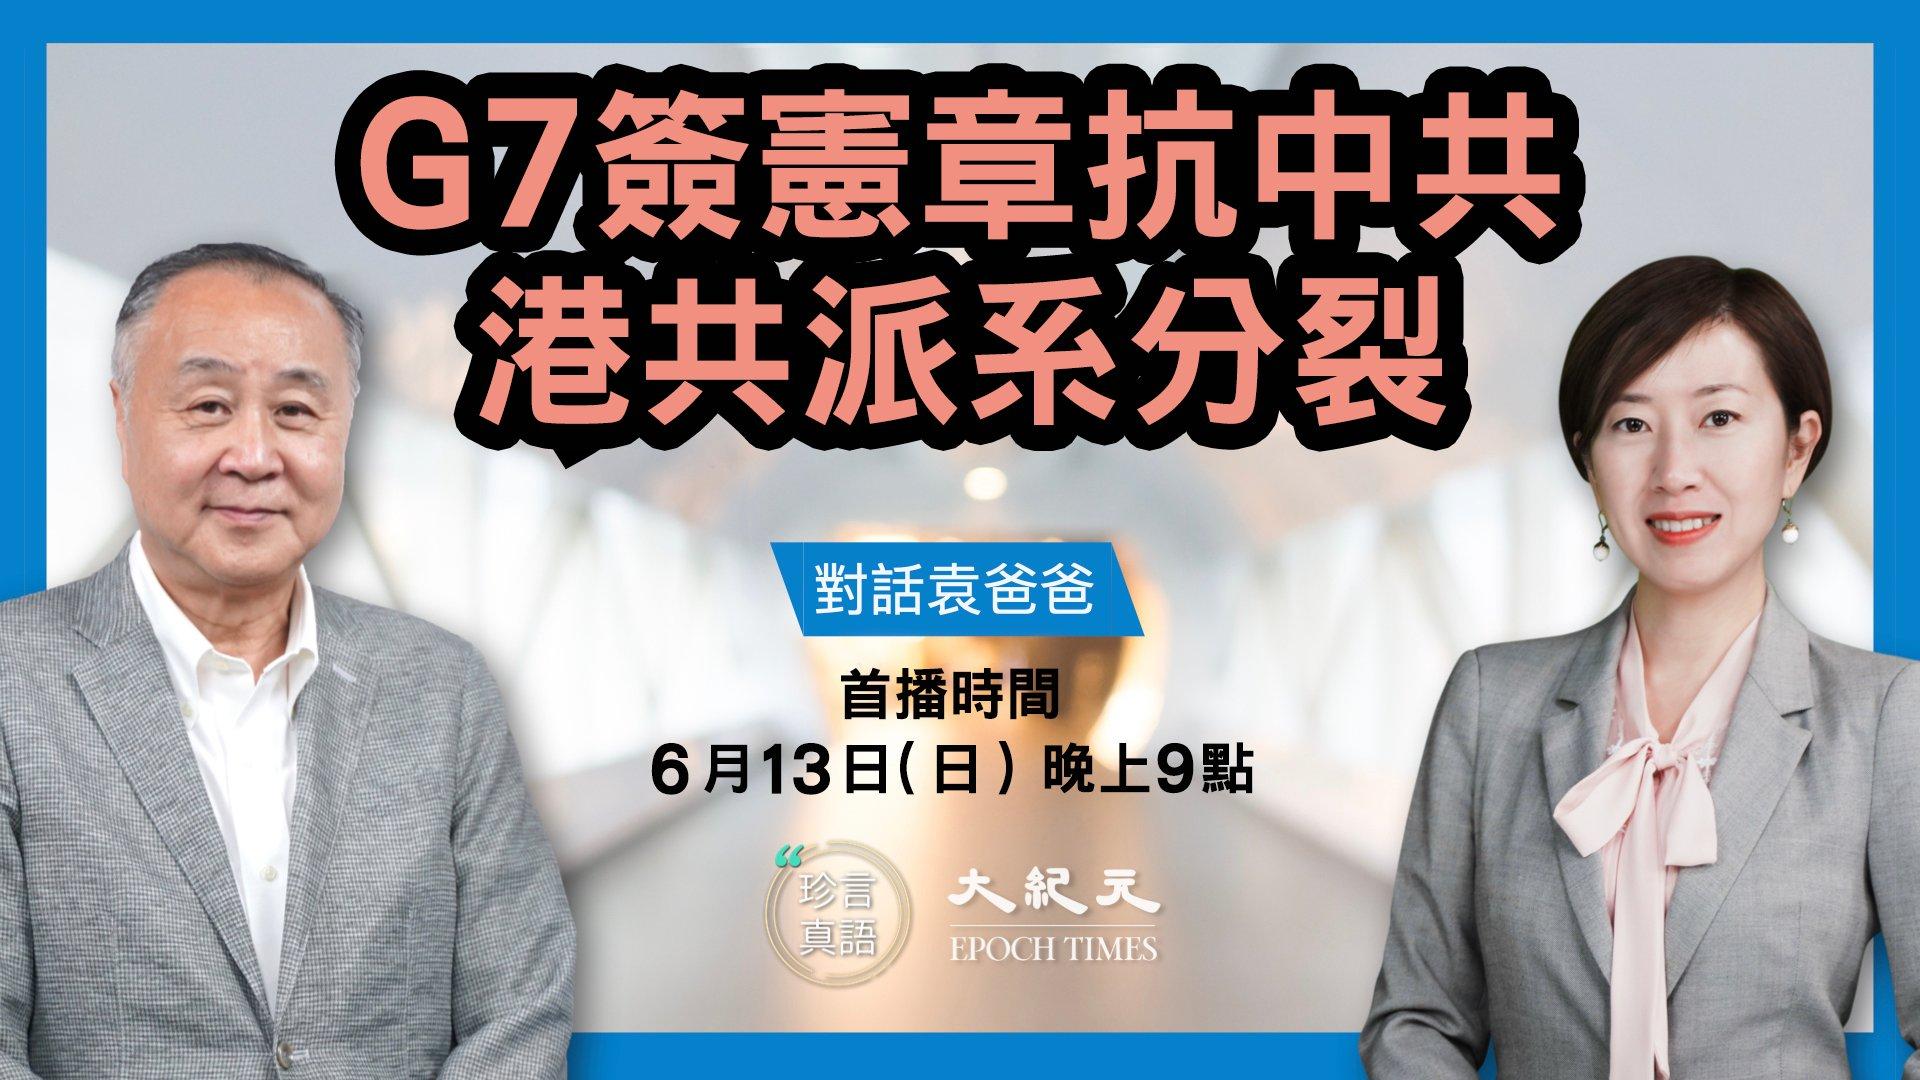 【珍言真語】袁弓夷:G7簽憲章抗中共 港共派系分裂 (大紀元製圖)